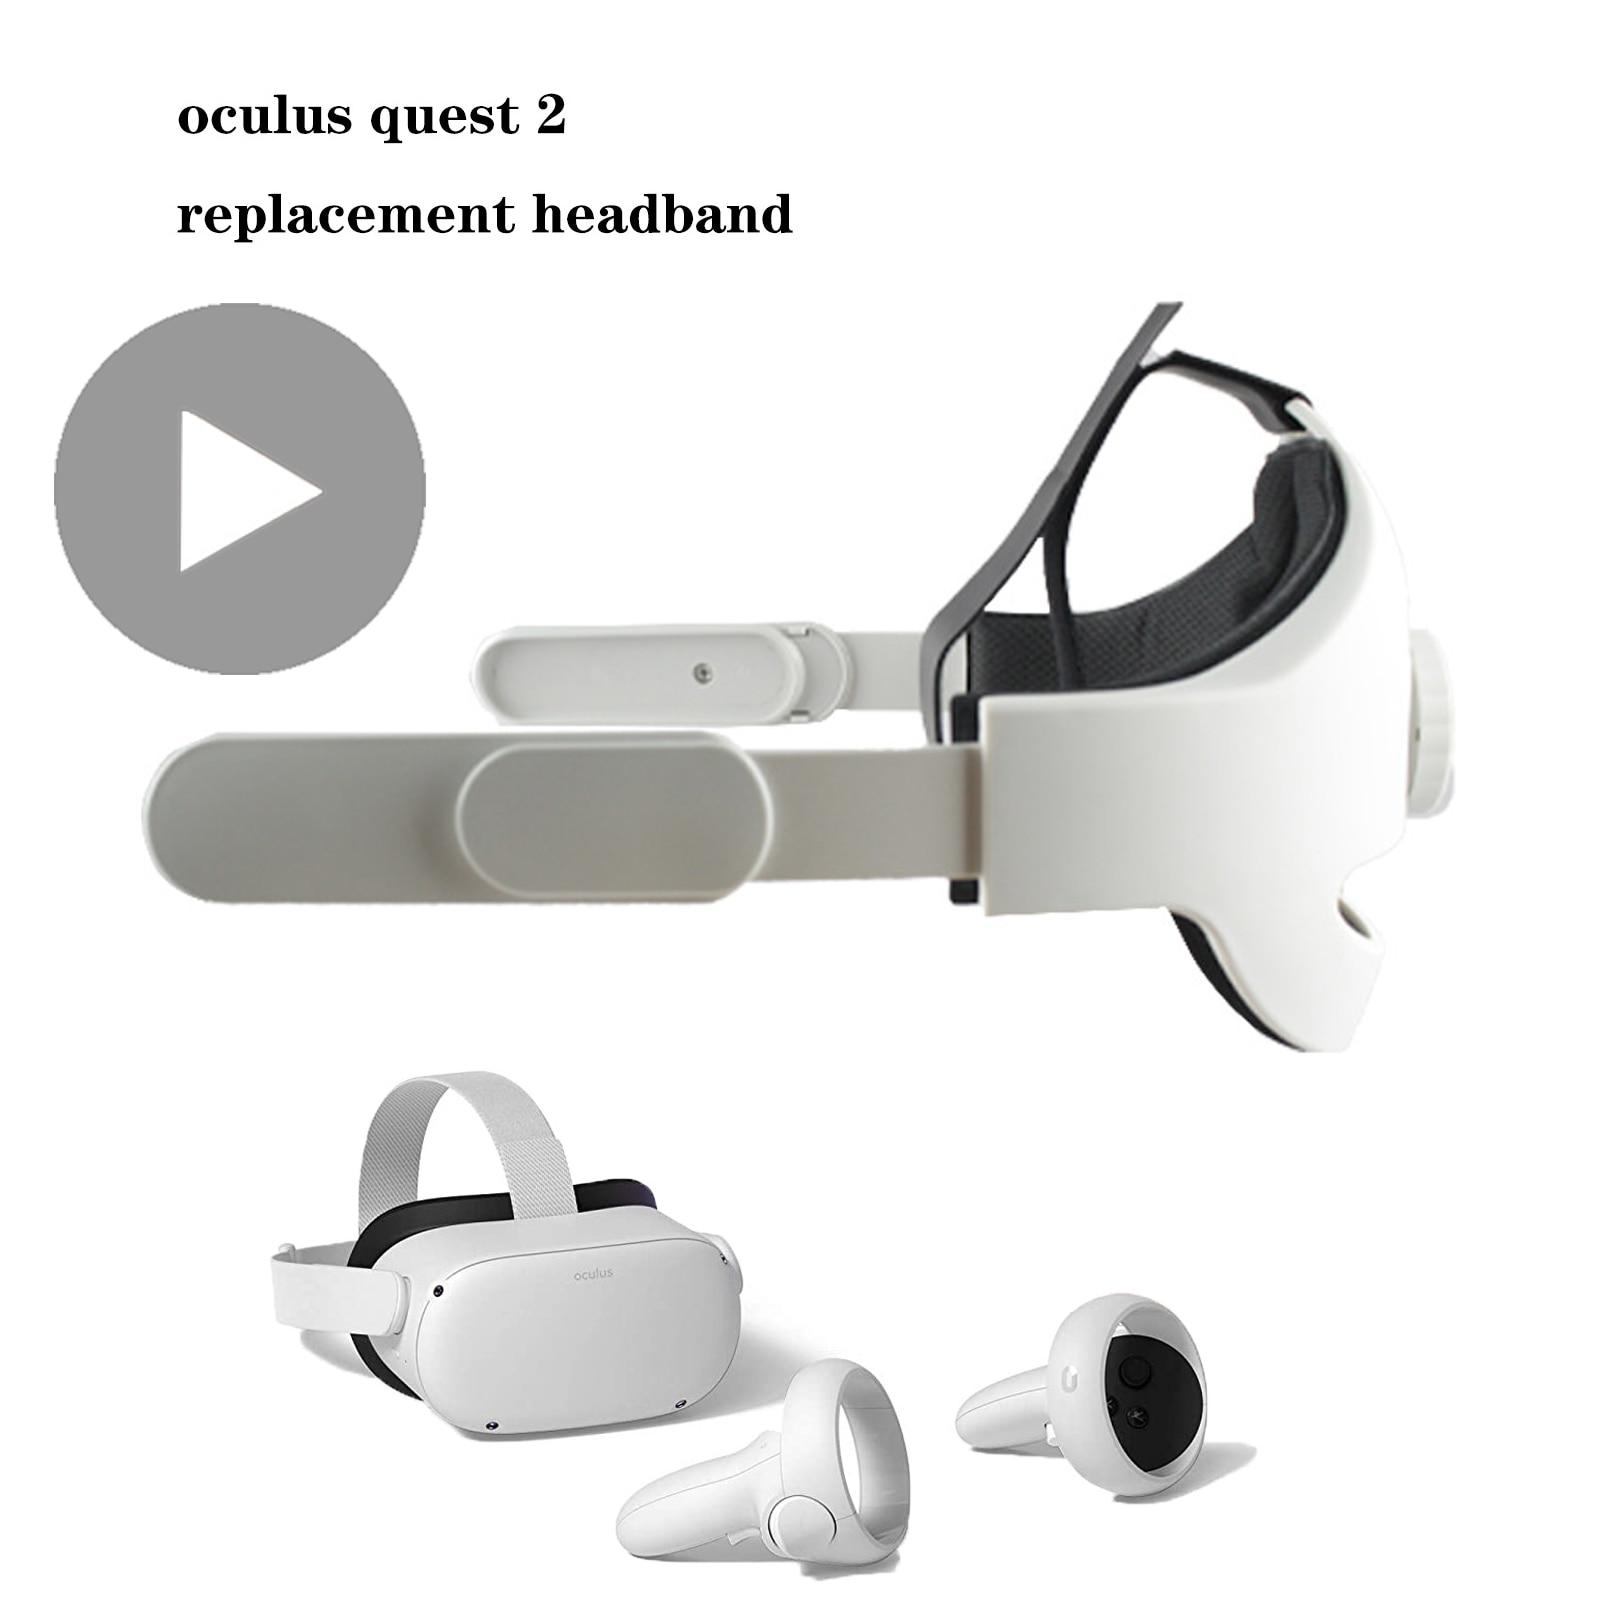 VR نظارات الواقع الافتراضي ل Quest2 كوة كويست 2 هالو شريط للرأس اكسسوارات خوذة سماعة الألعاب لعبة Oqulus مهد Ocukus